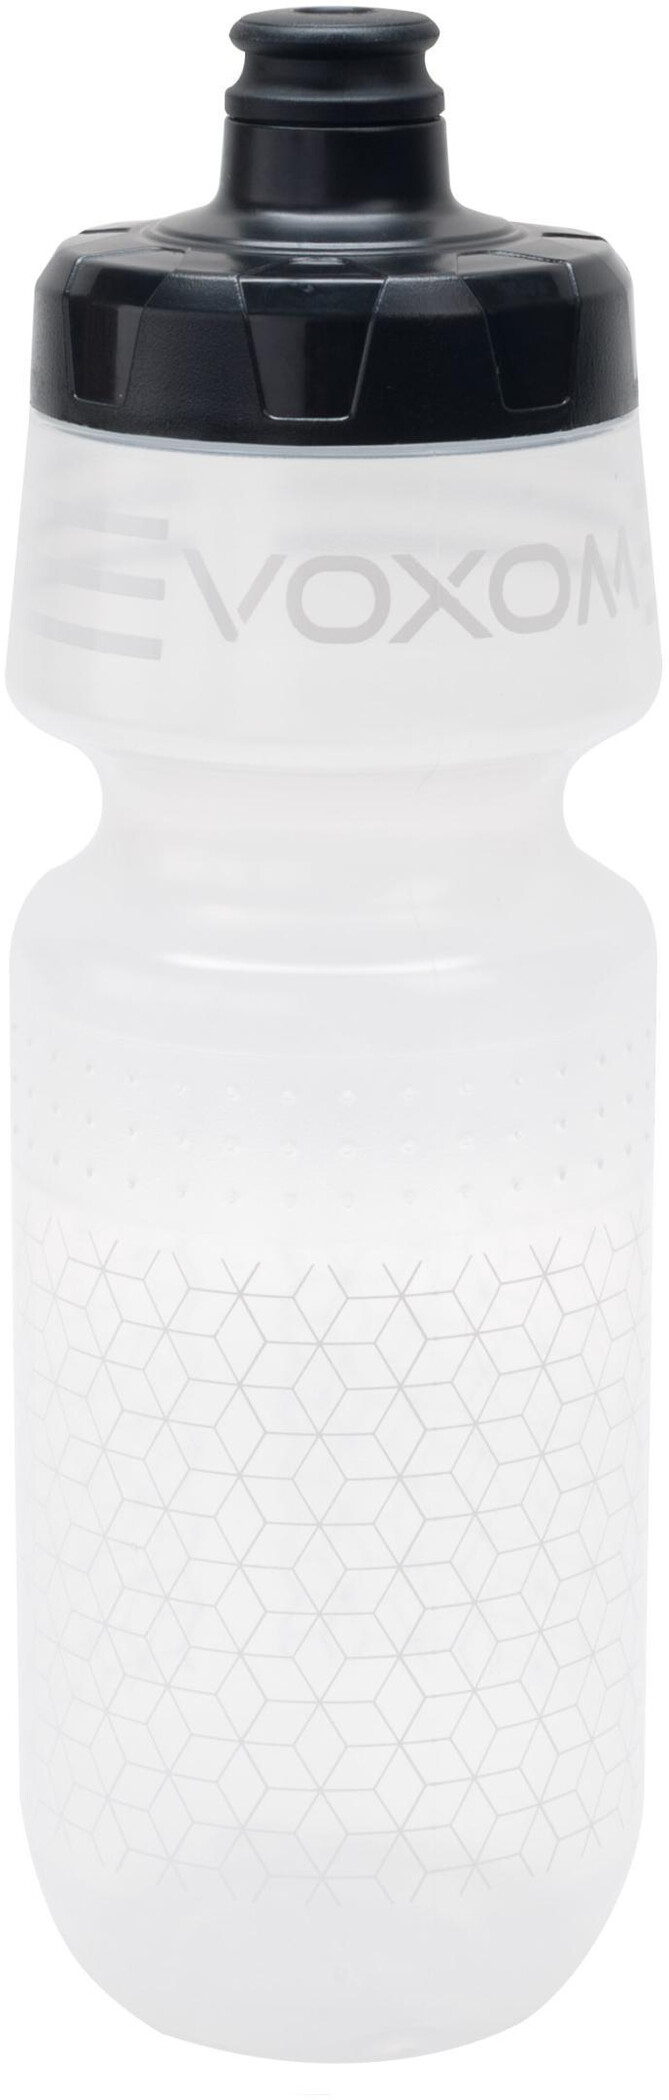 Voxom F1 Drikkeflaske 710ml, clear/white (2019)   Bottles